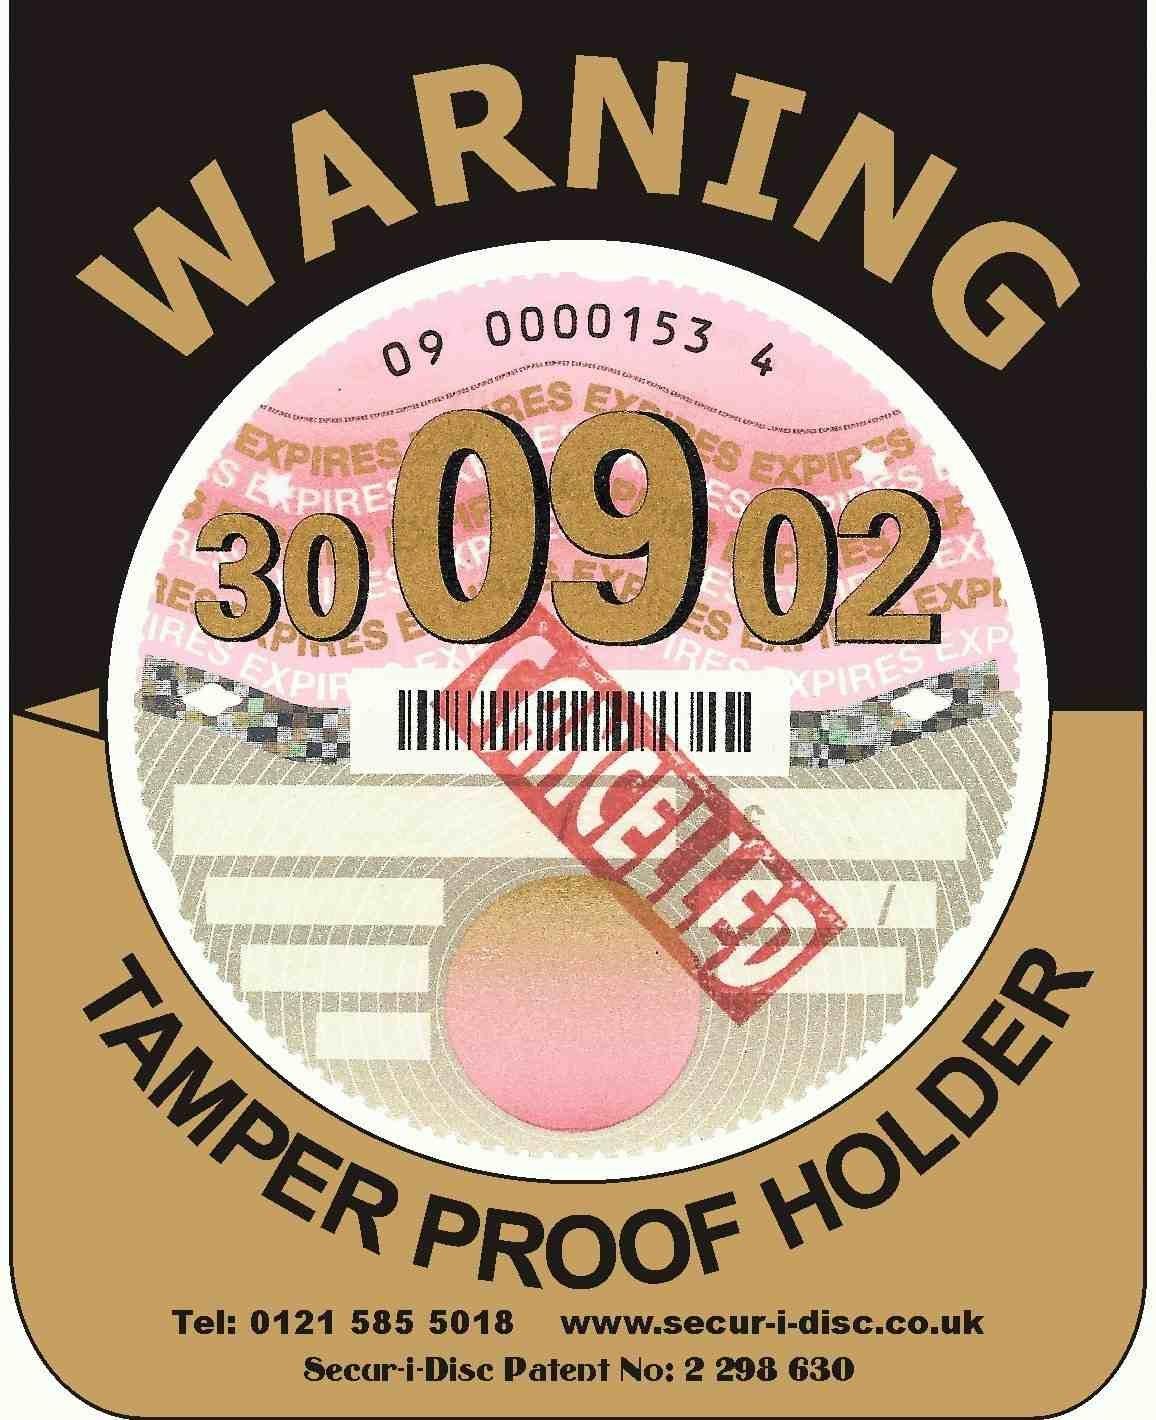 PACK OF 12 - Secur-i-Disc Standard Black & Gold Motor Vehicle Tamper Proof Tax Disc Holder (MV2)